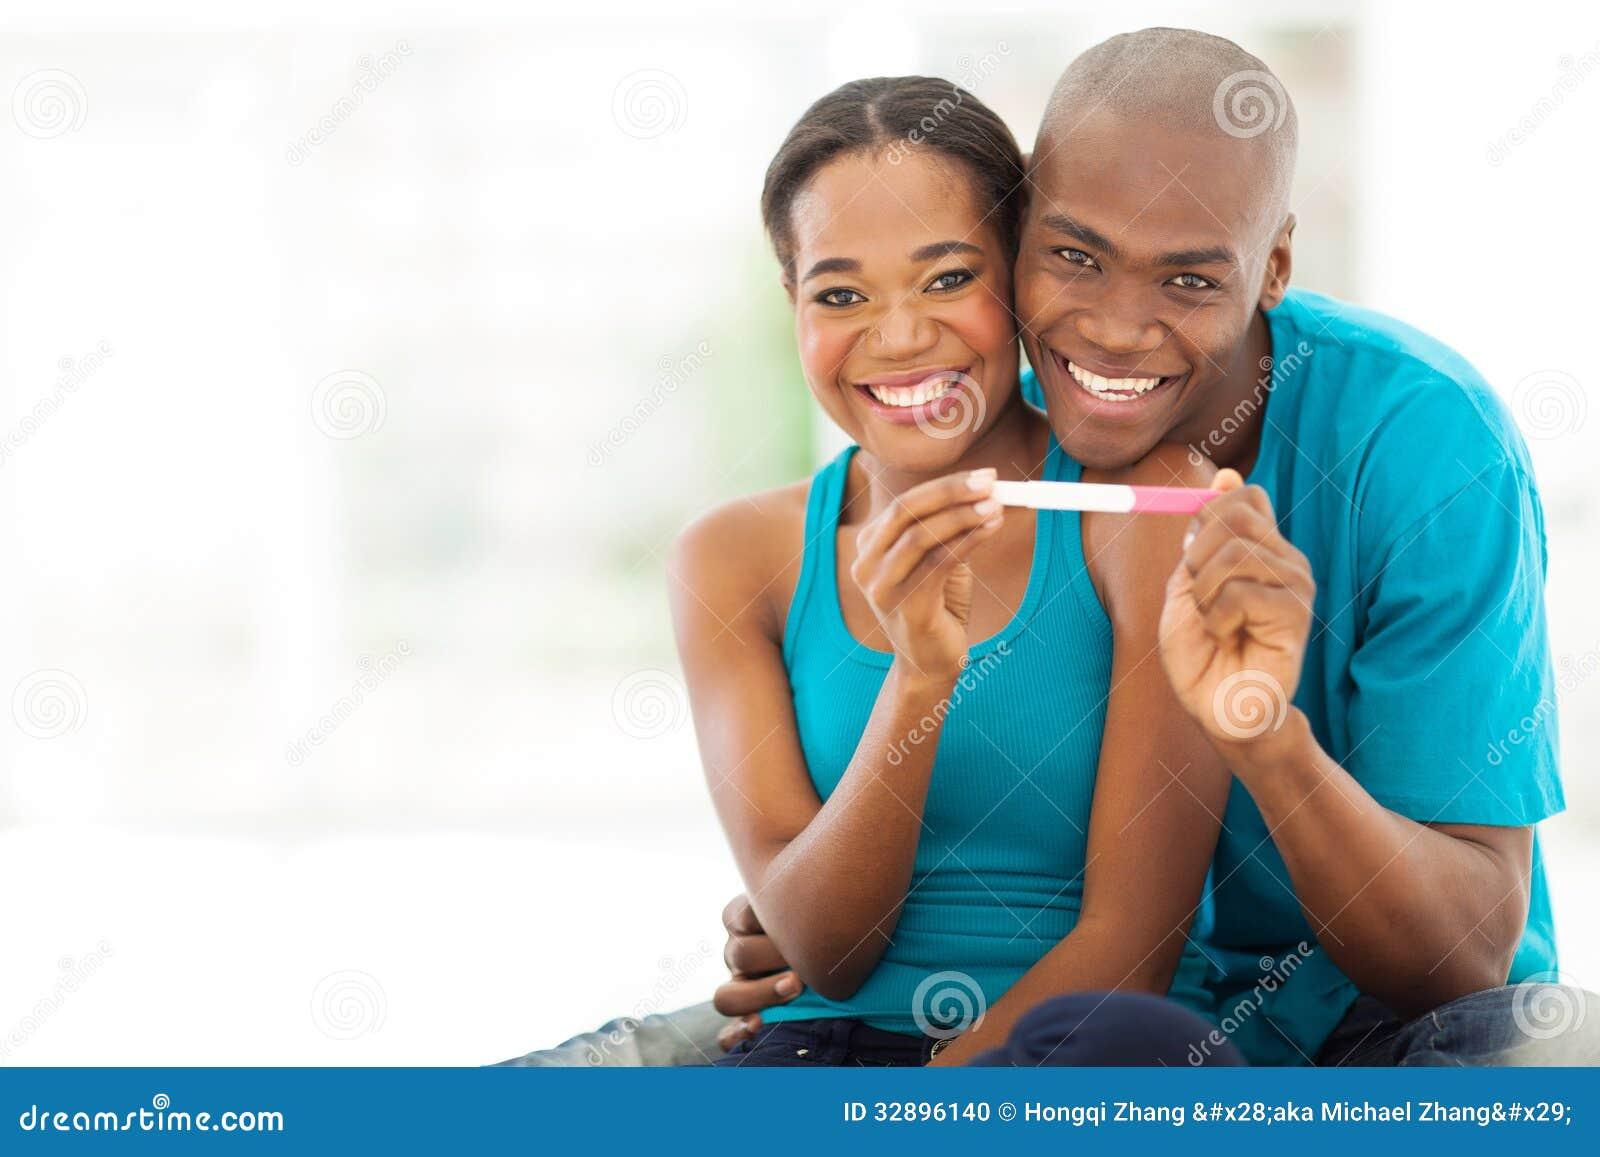 Pozytywny ciążowy test